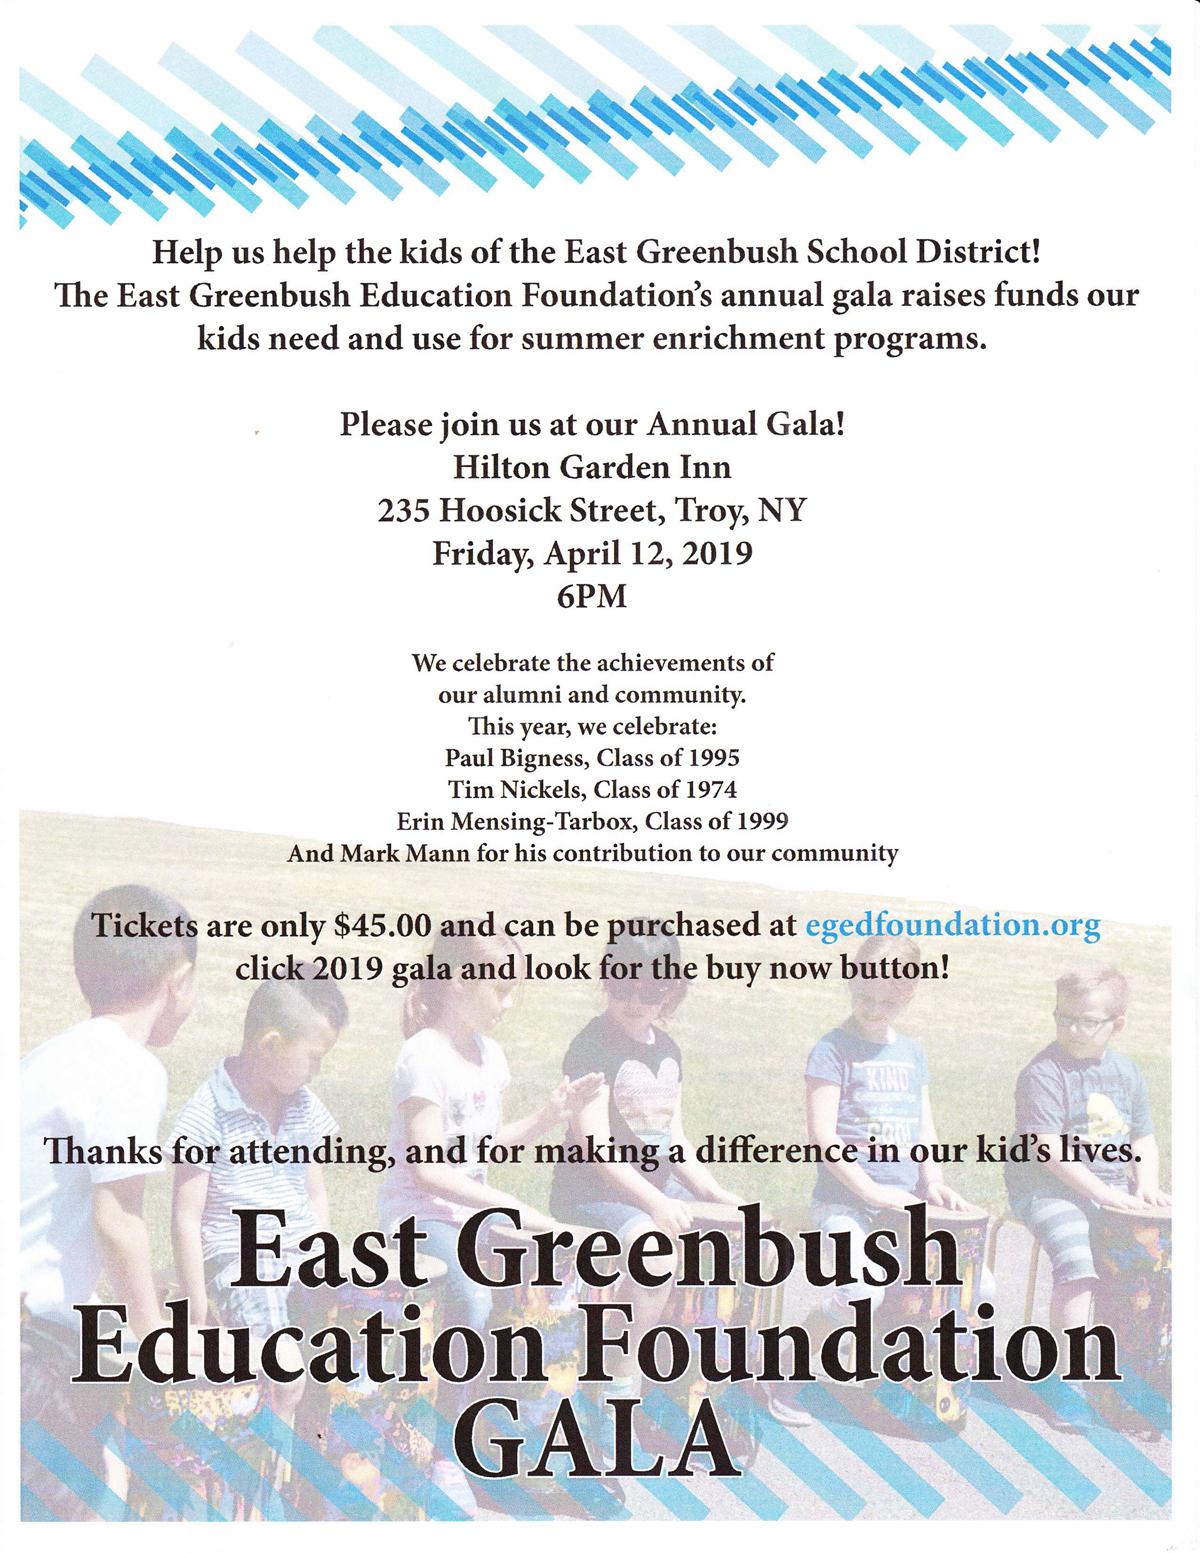 Education Foundation Gala Flyer